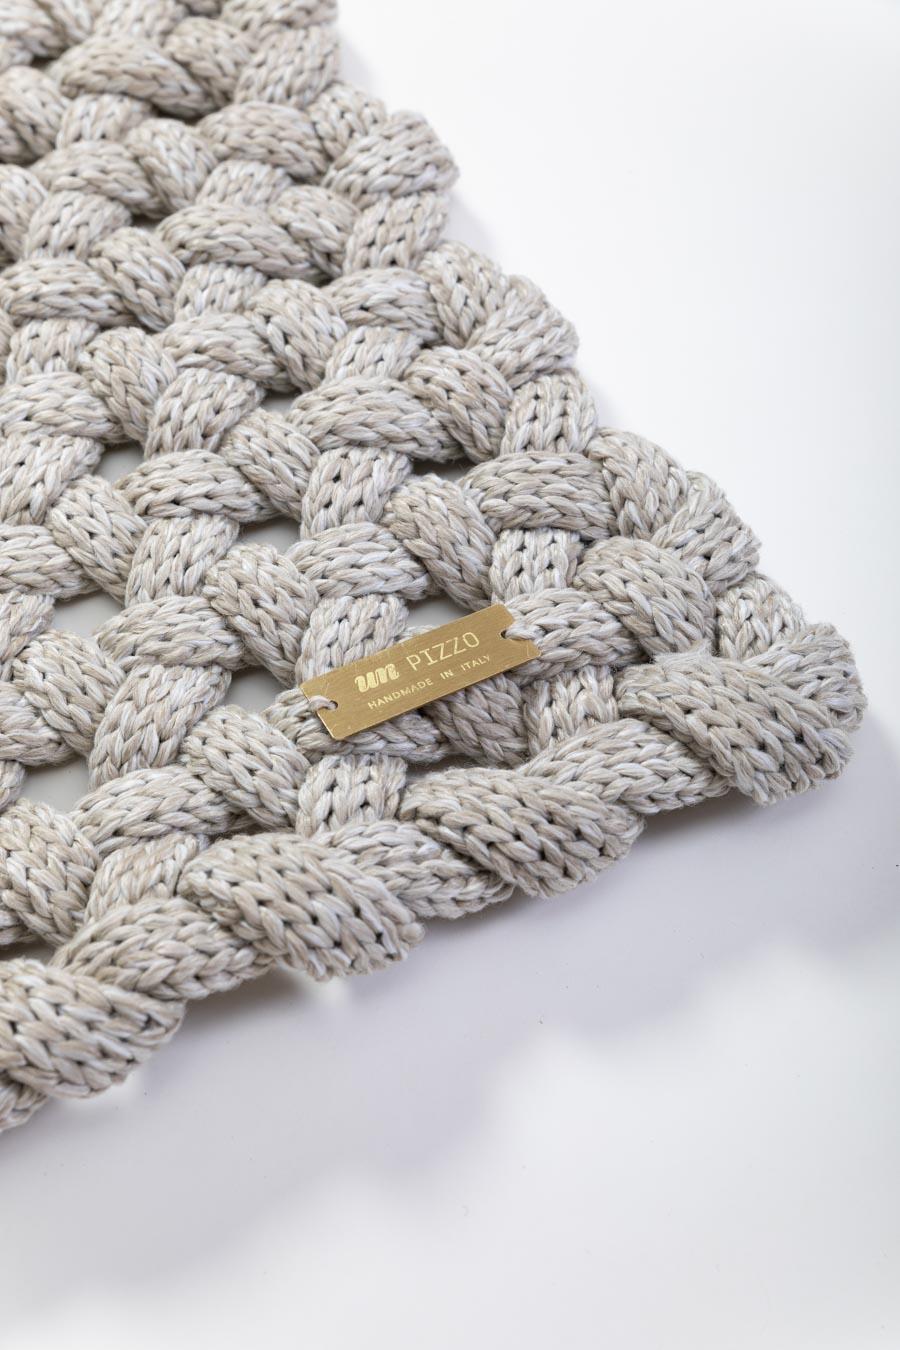 unpizzo.tappeto50x150.etichetta